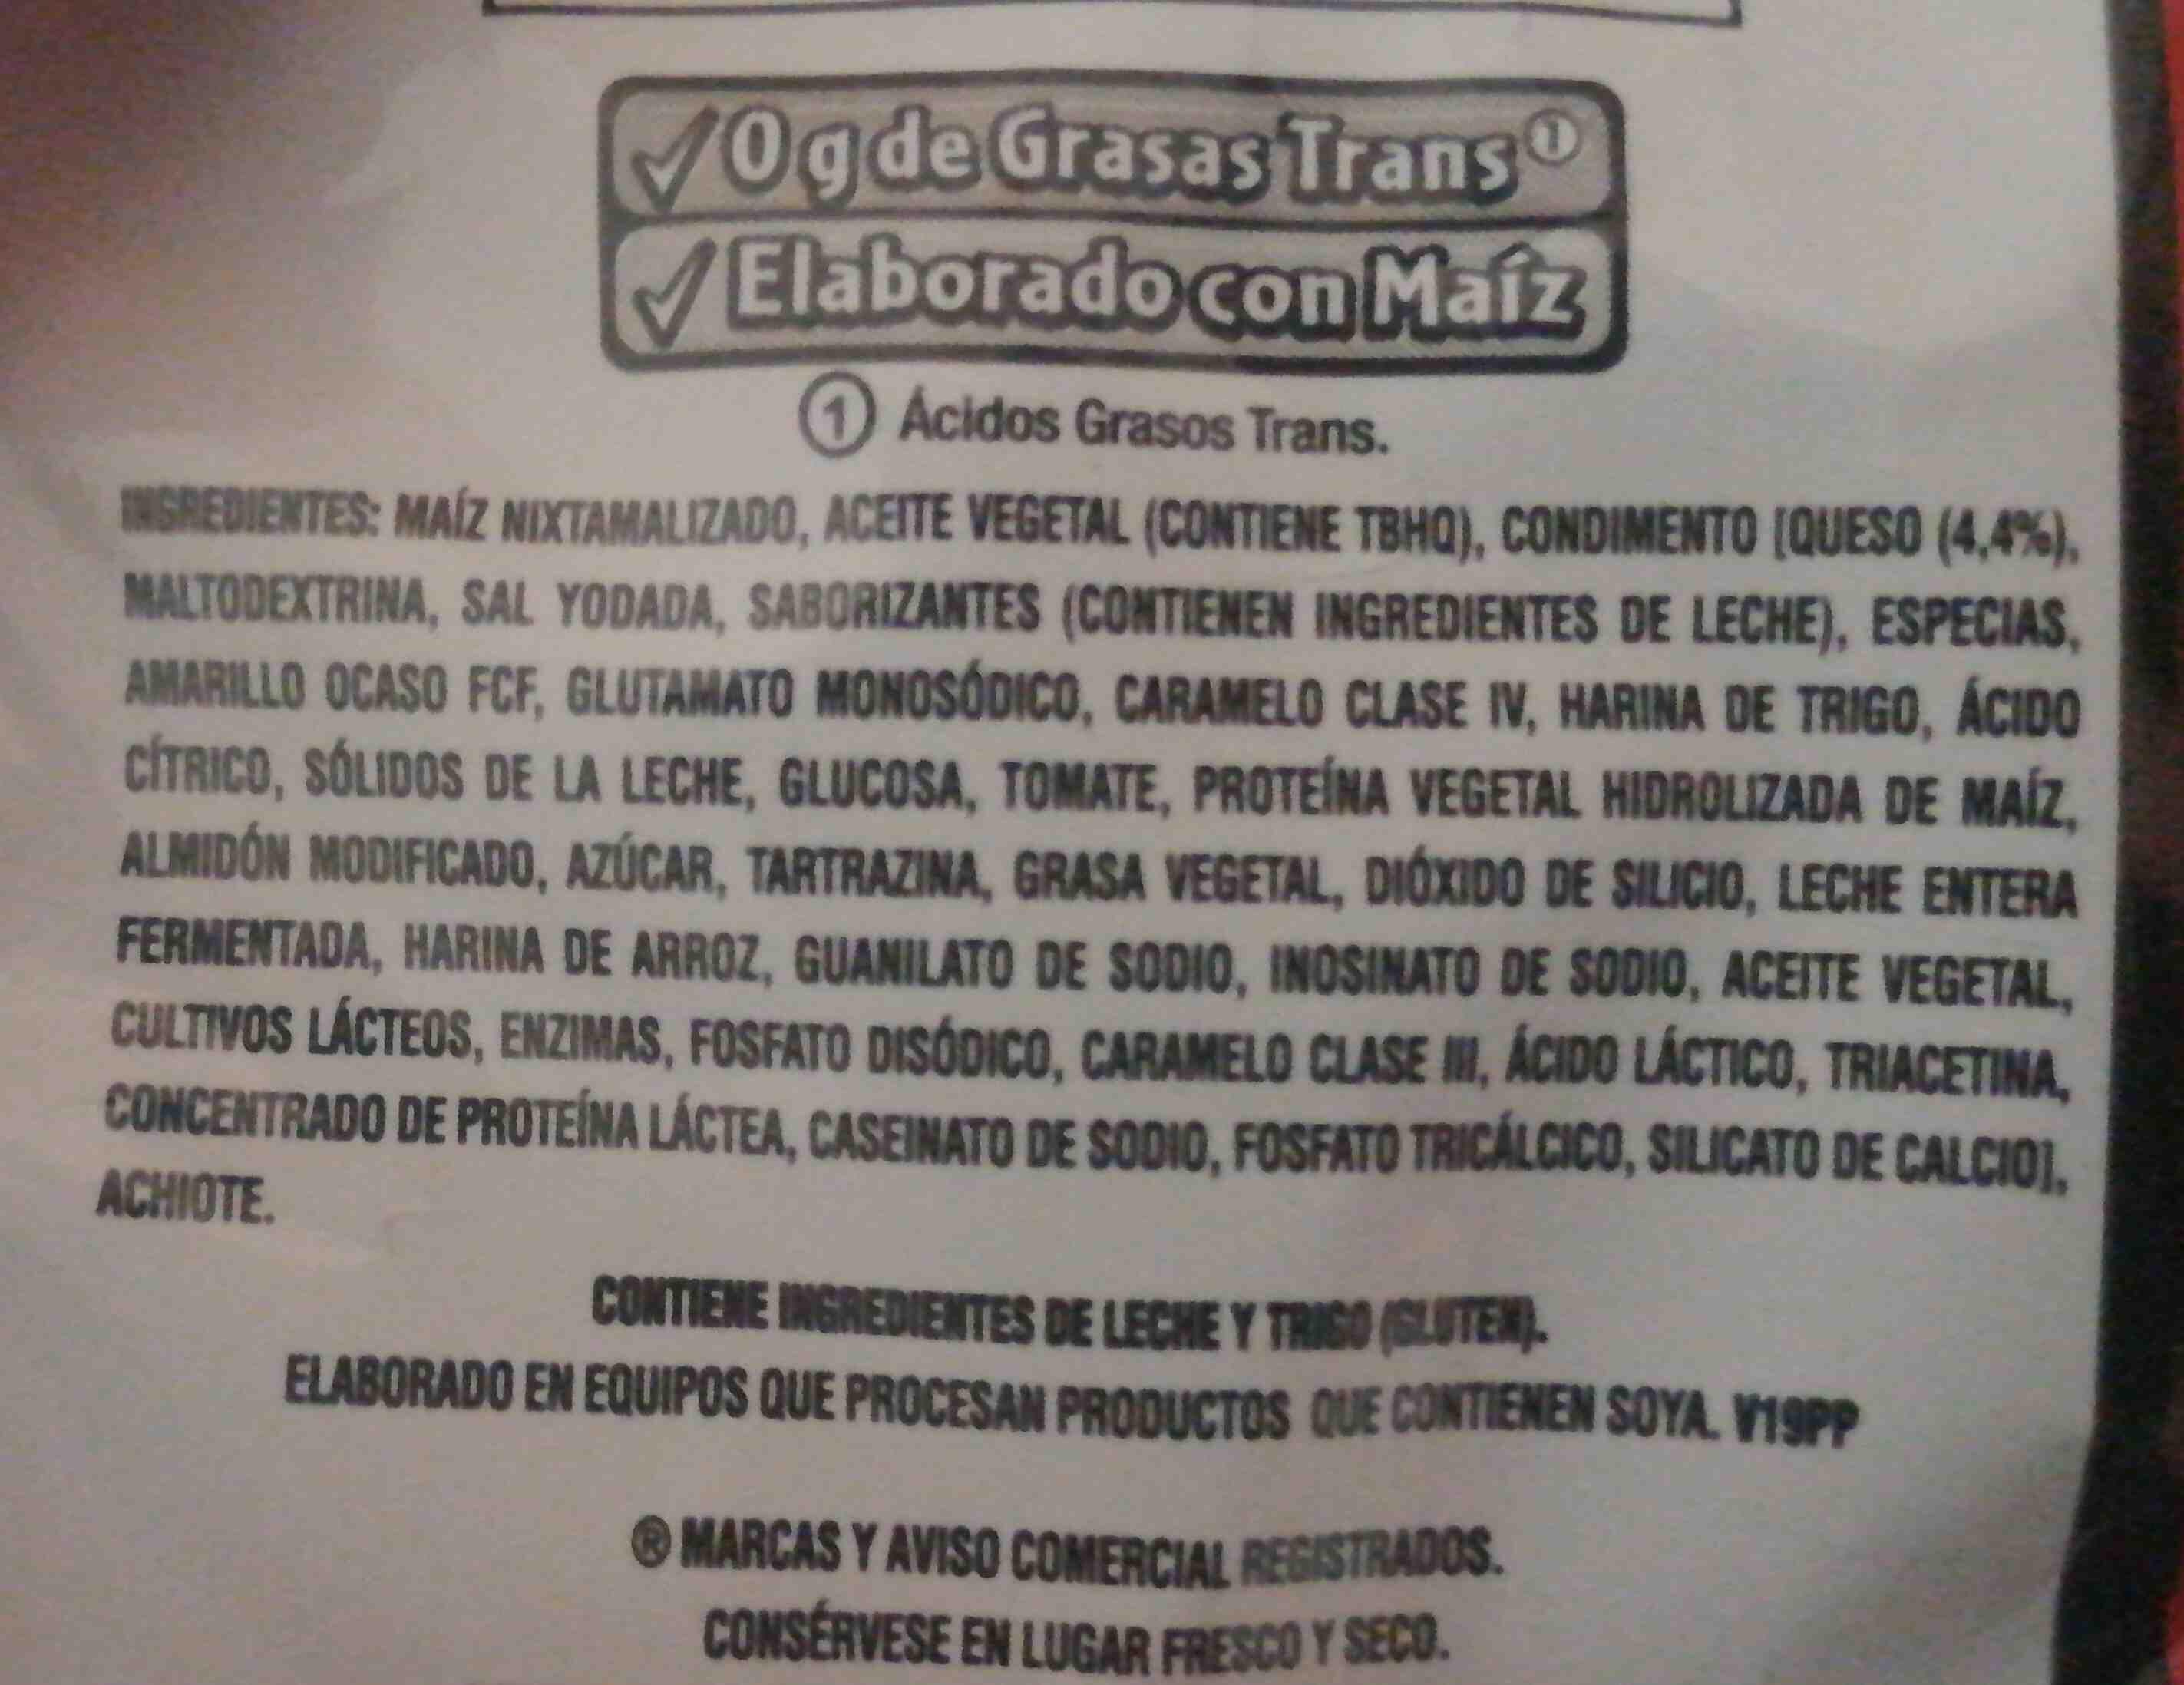 Doritos nacho 23g - Ingredientes - en